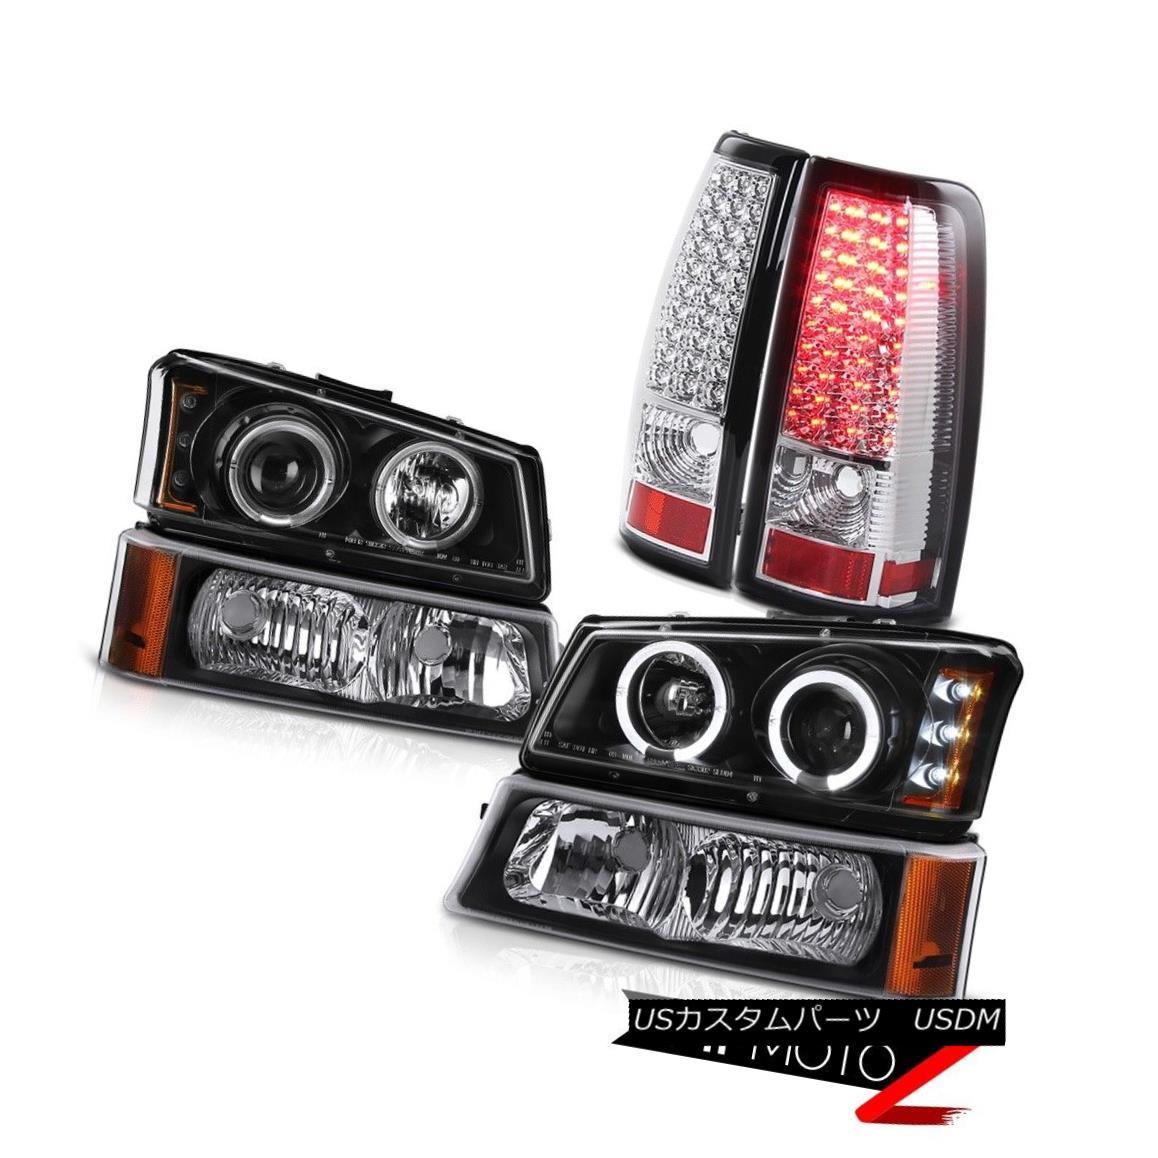 テールライト Projector Black Headlight Bumper BRIGHT LED Tail Lights 03 04 05 06 Silverado SS プロジェクターブラックヘッドライトバンパーBRIGHT LEDテールライト03 04 05 06シルバラードSS